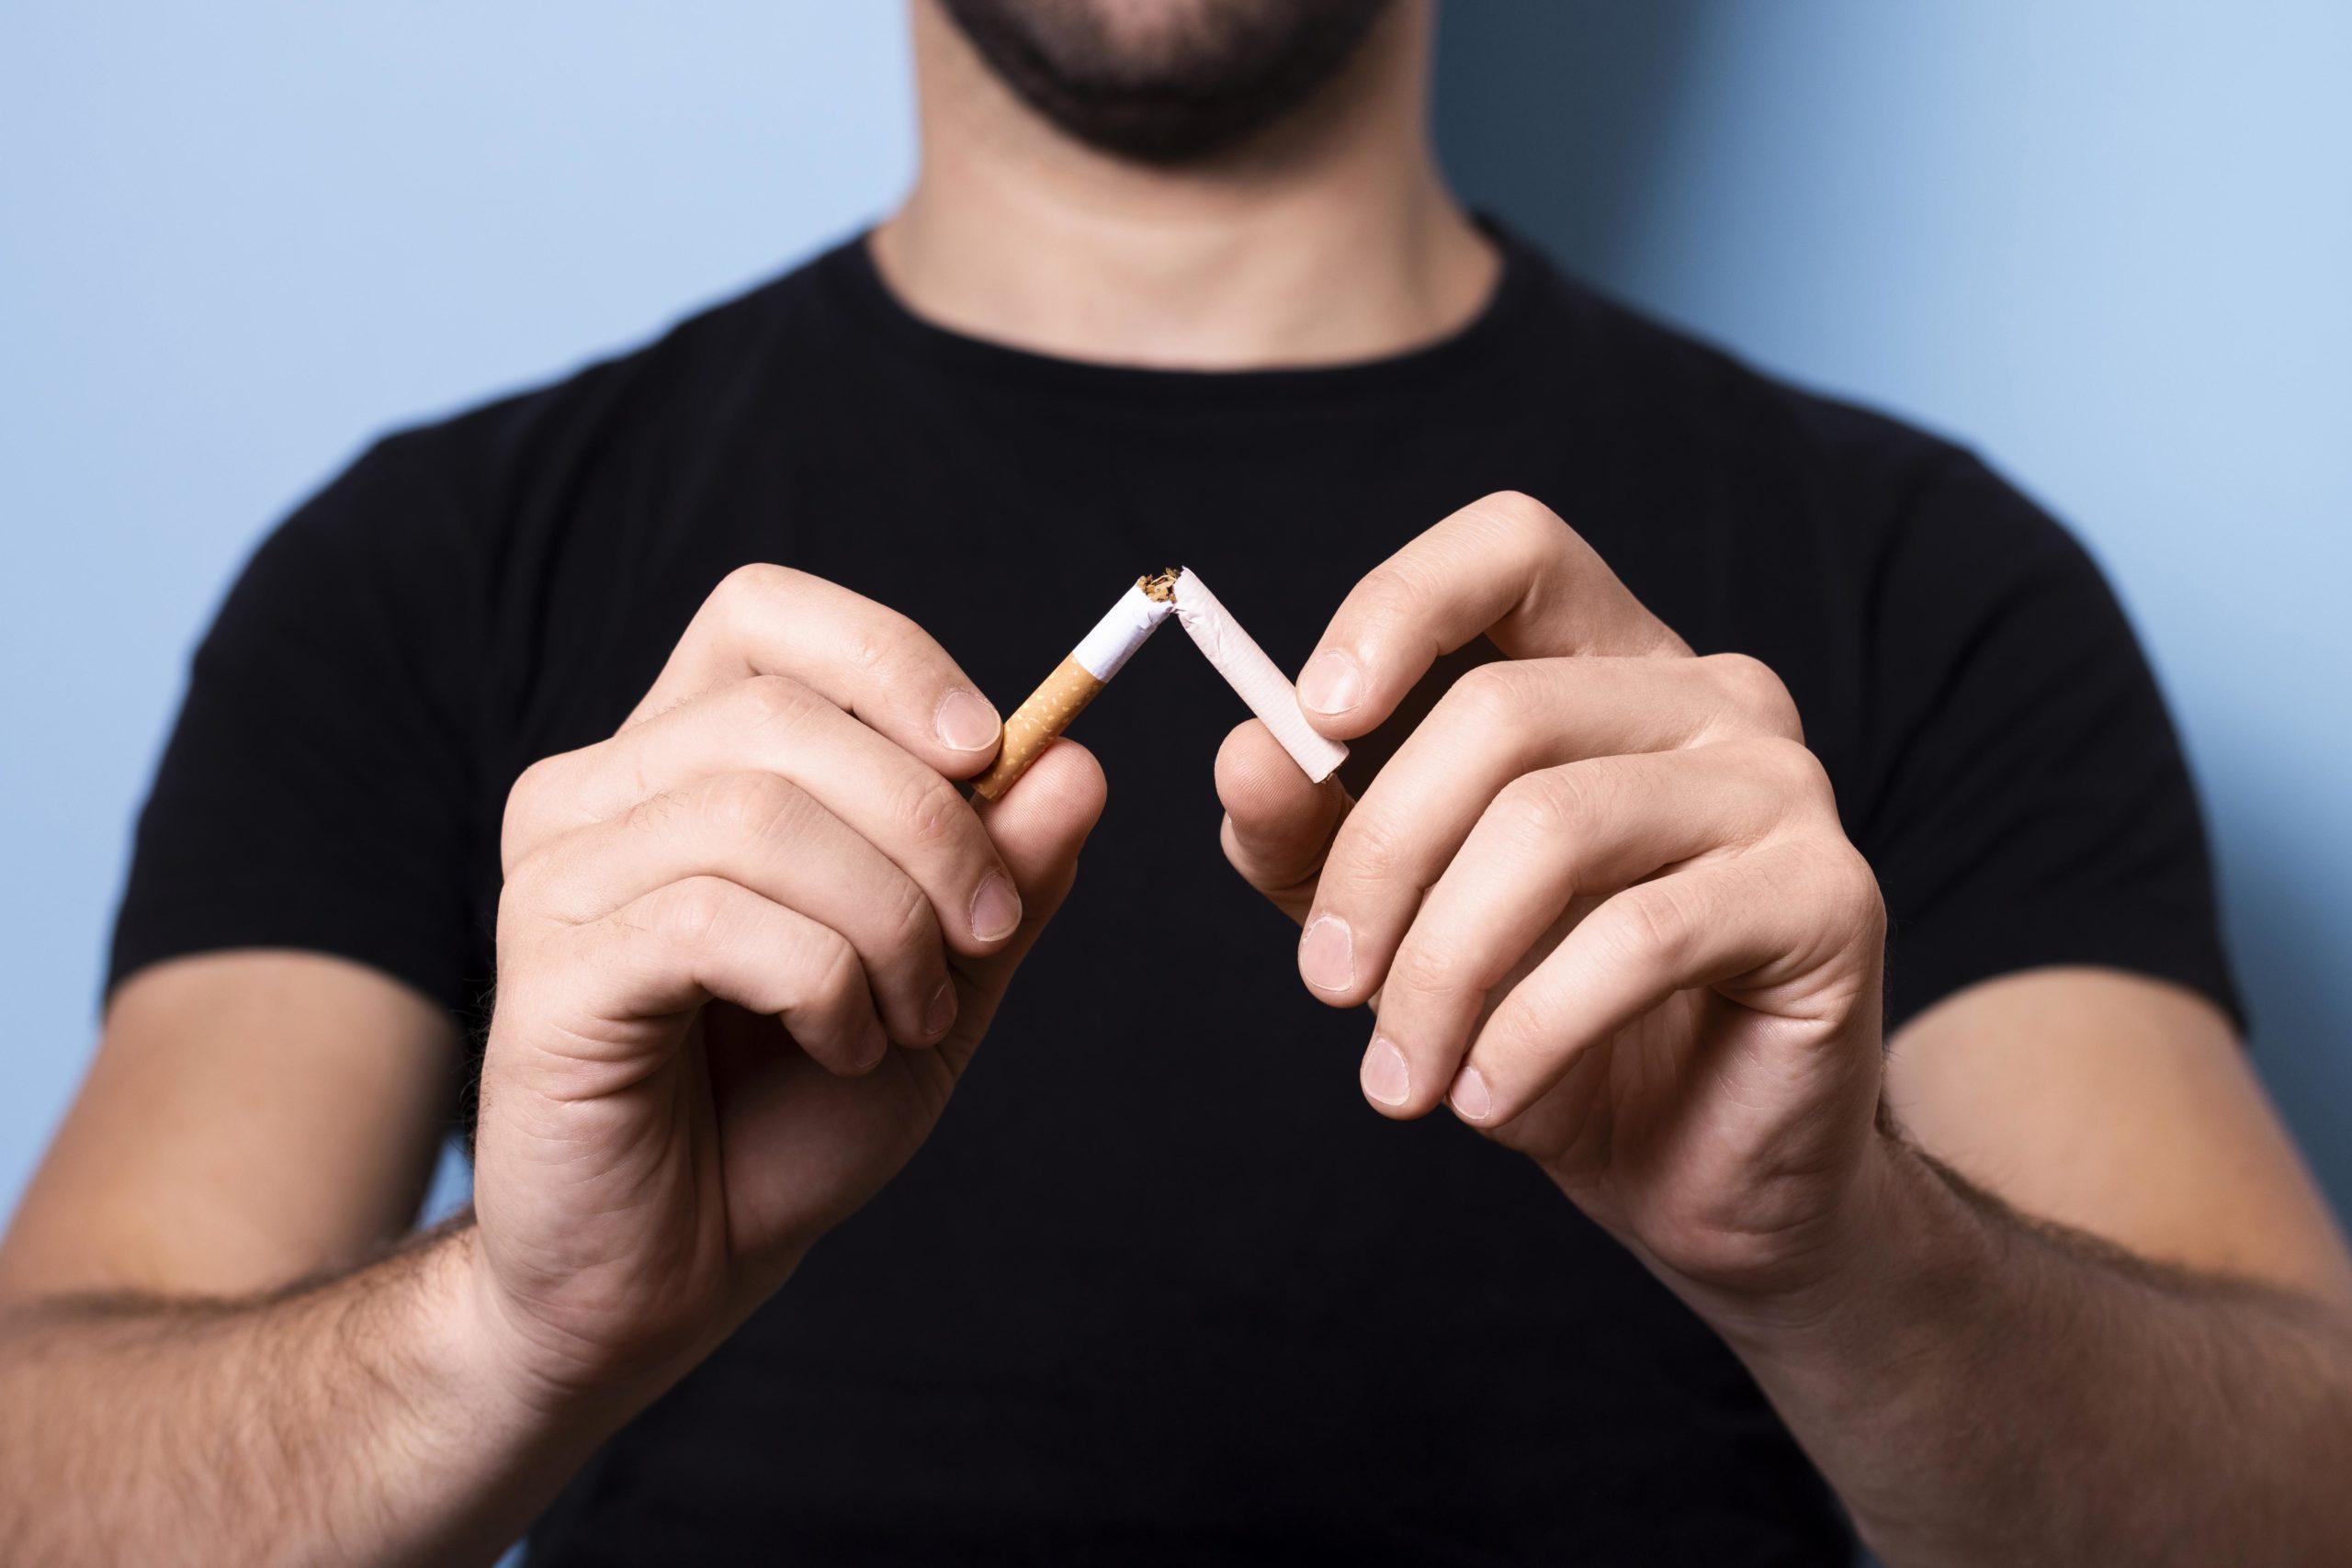 Imagem: Cigarro scaled Tabagismo aumenta riscos de contaminação e agravamento da Covid 19